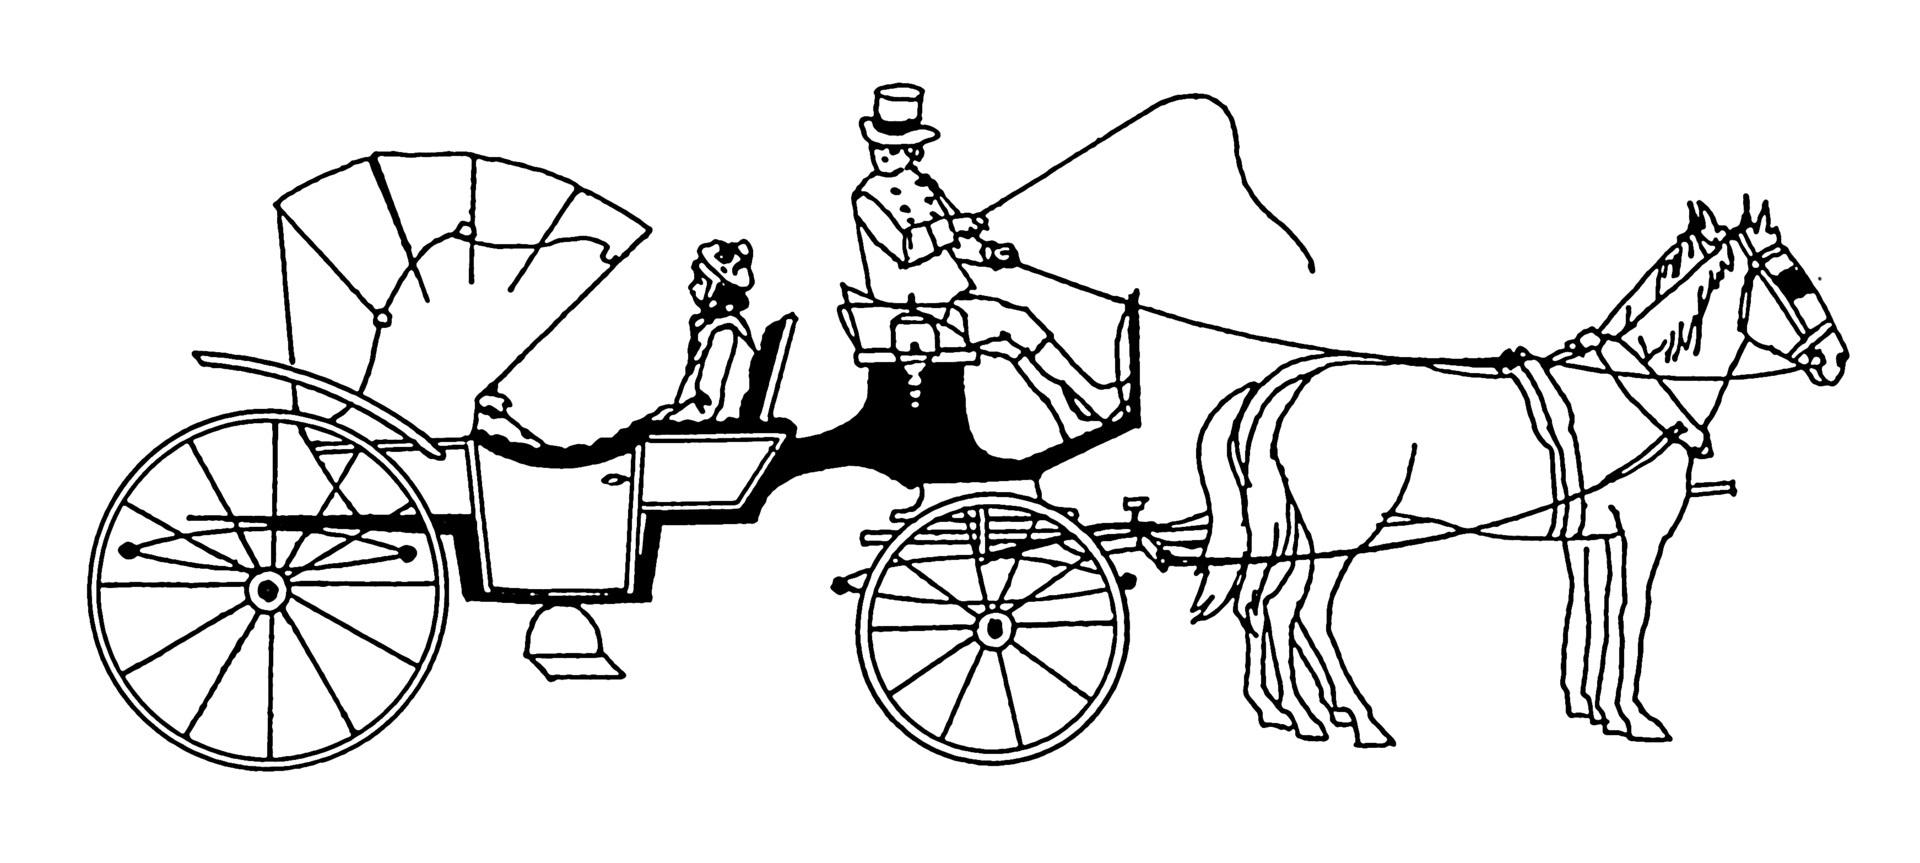 STREET VIEW : Les carrosses, les calèches dans le monde - Page 2 Calech12